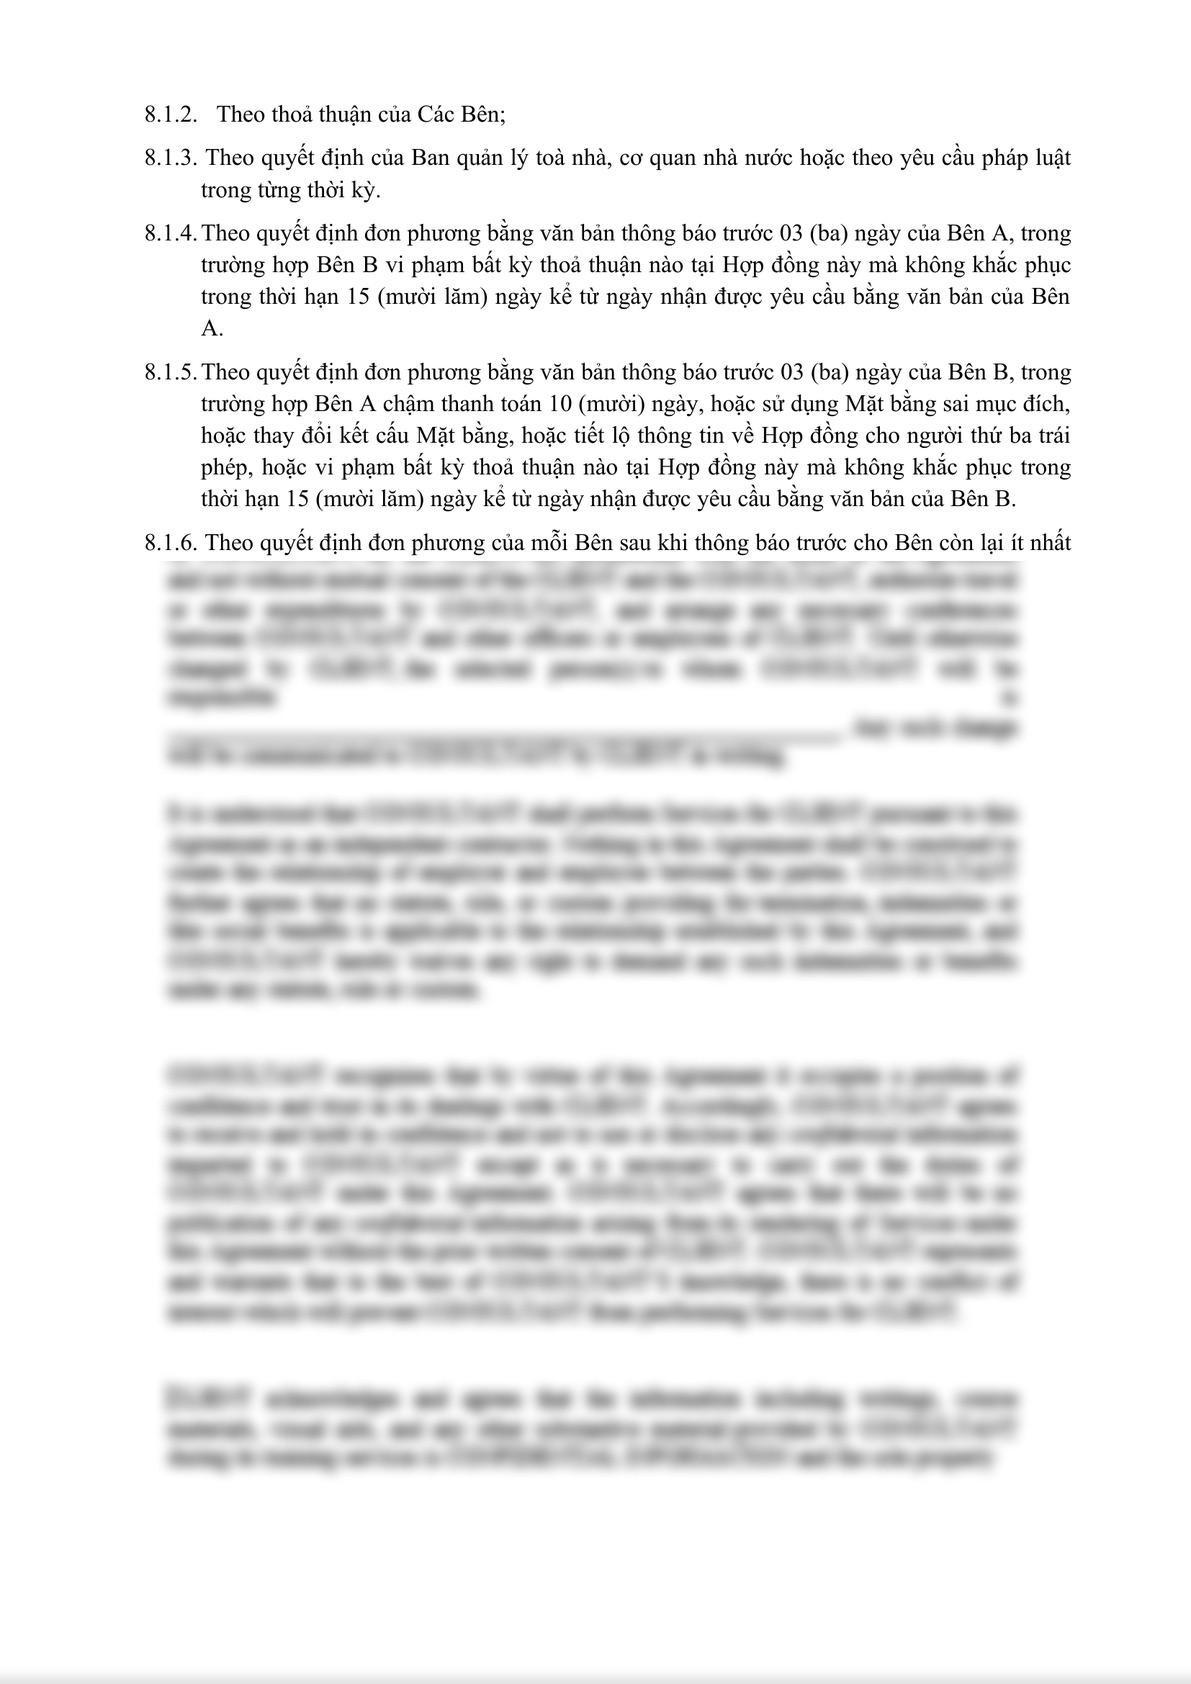 Hợp đồng hợp tác kinh doanh-5